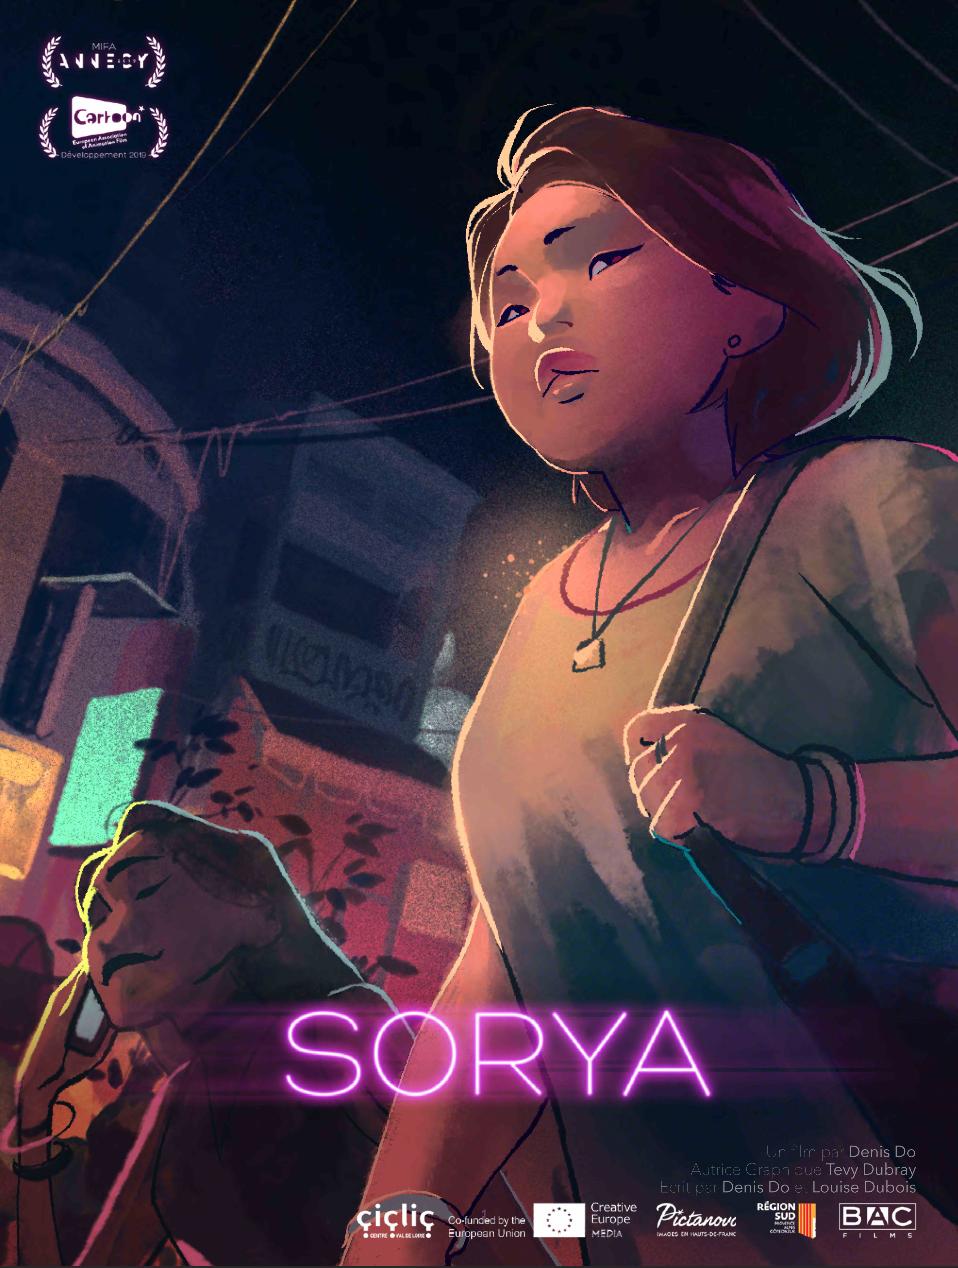 SORYA